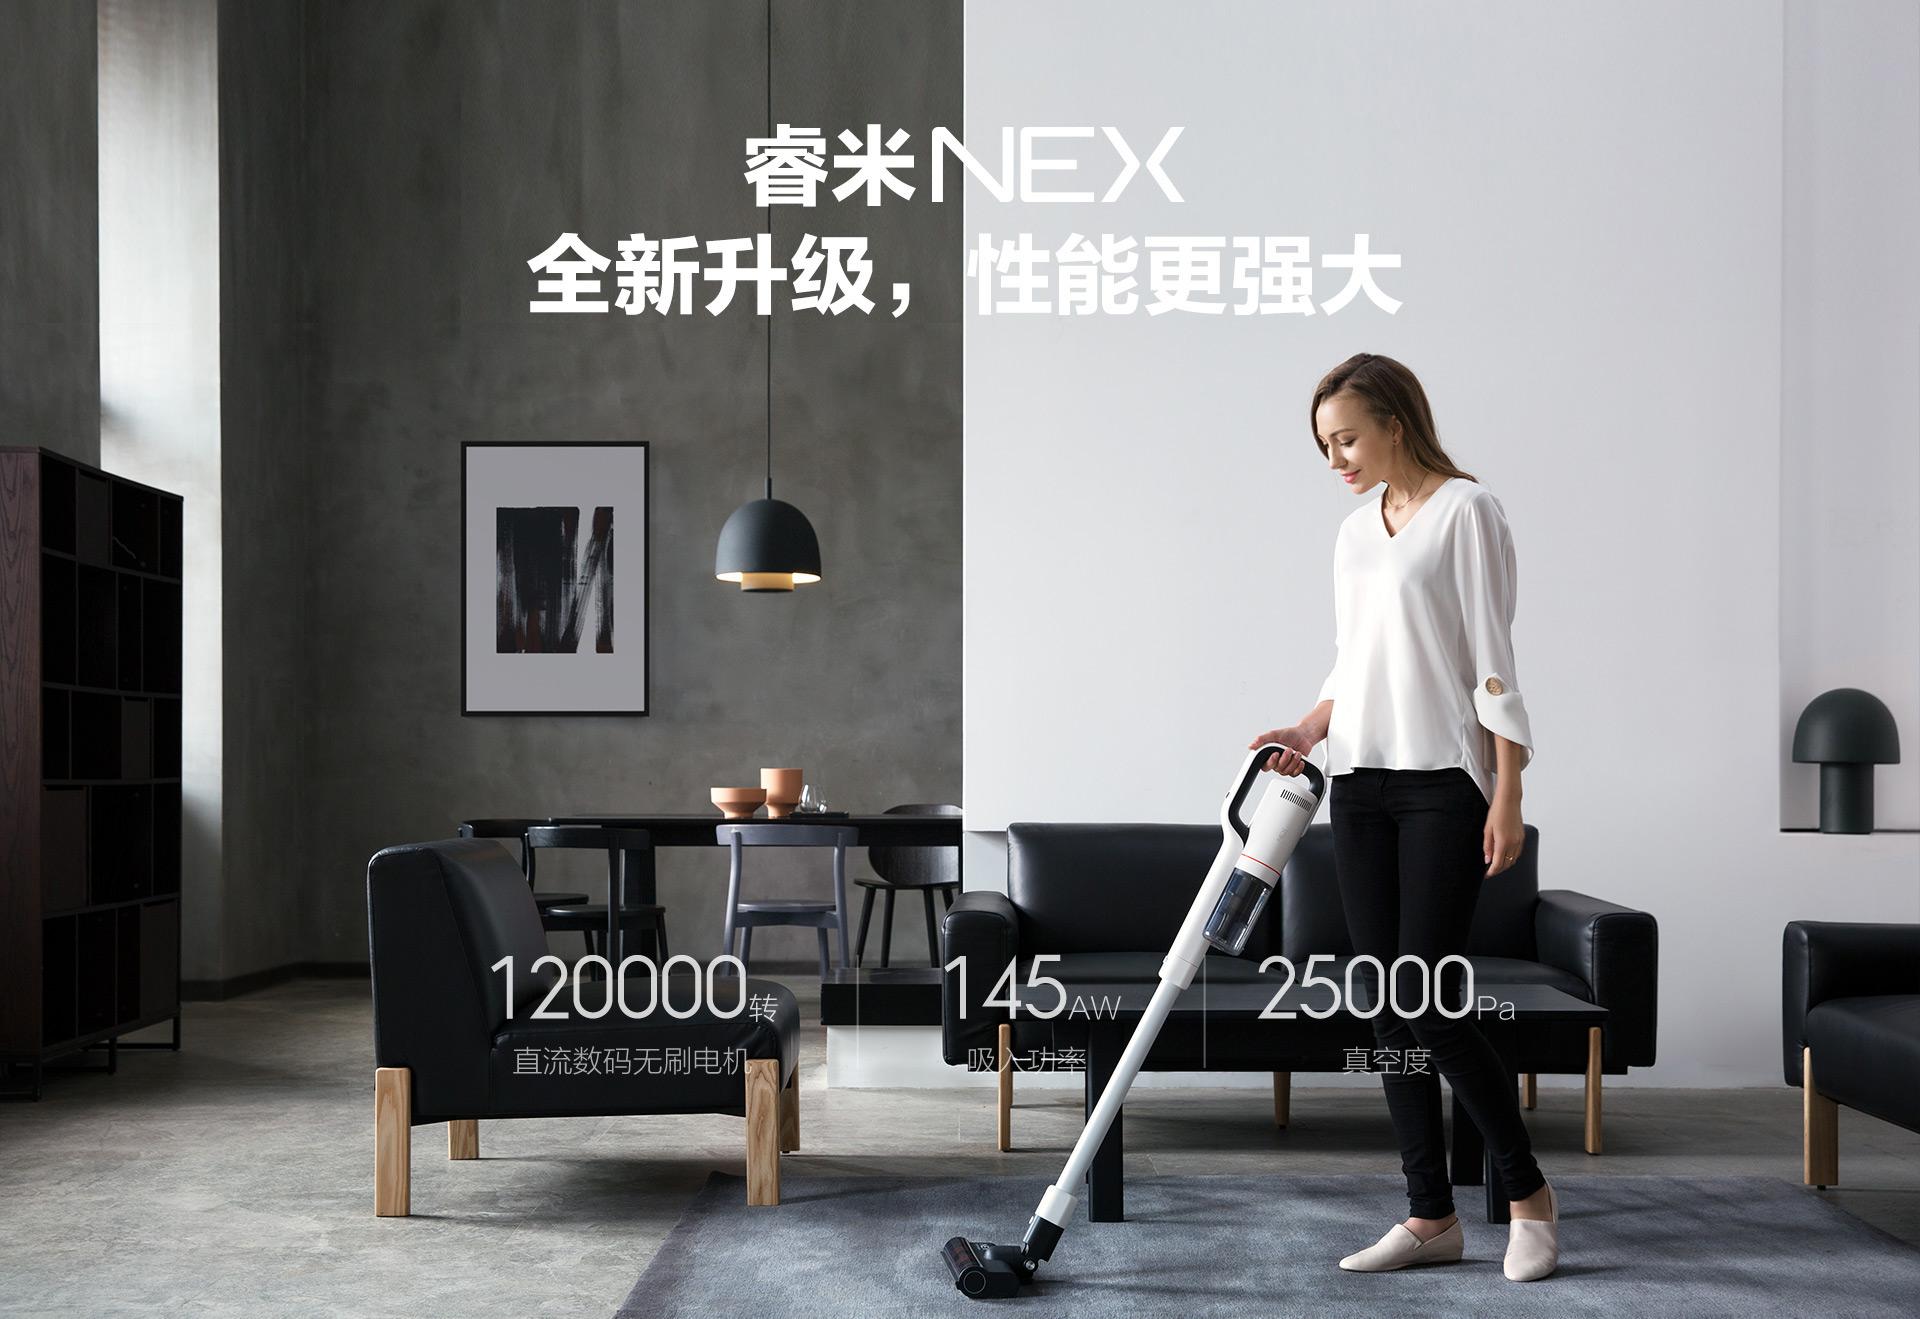 睿米无线吸尘器新一代nex经过全新升级,性能更强大